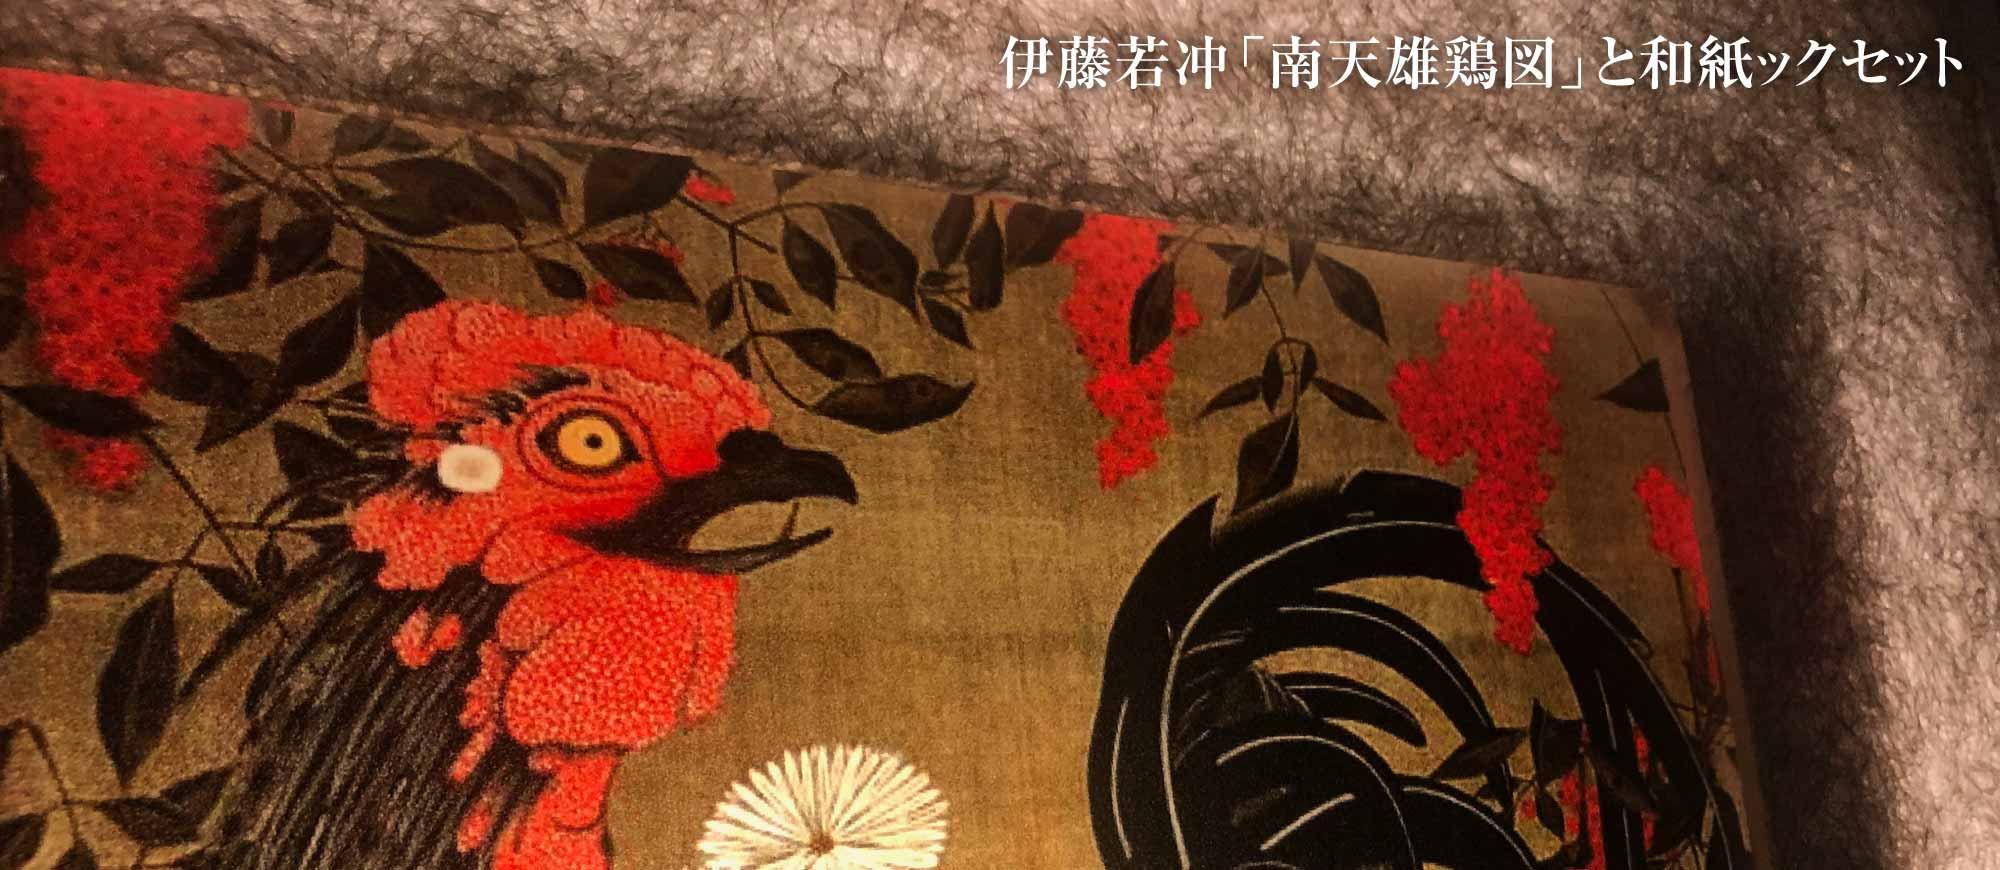 伊藤若冲・南天雄鶏図と和紙ックフォトフレーム